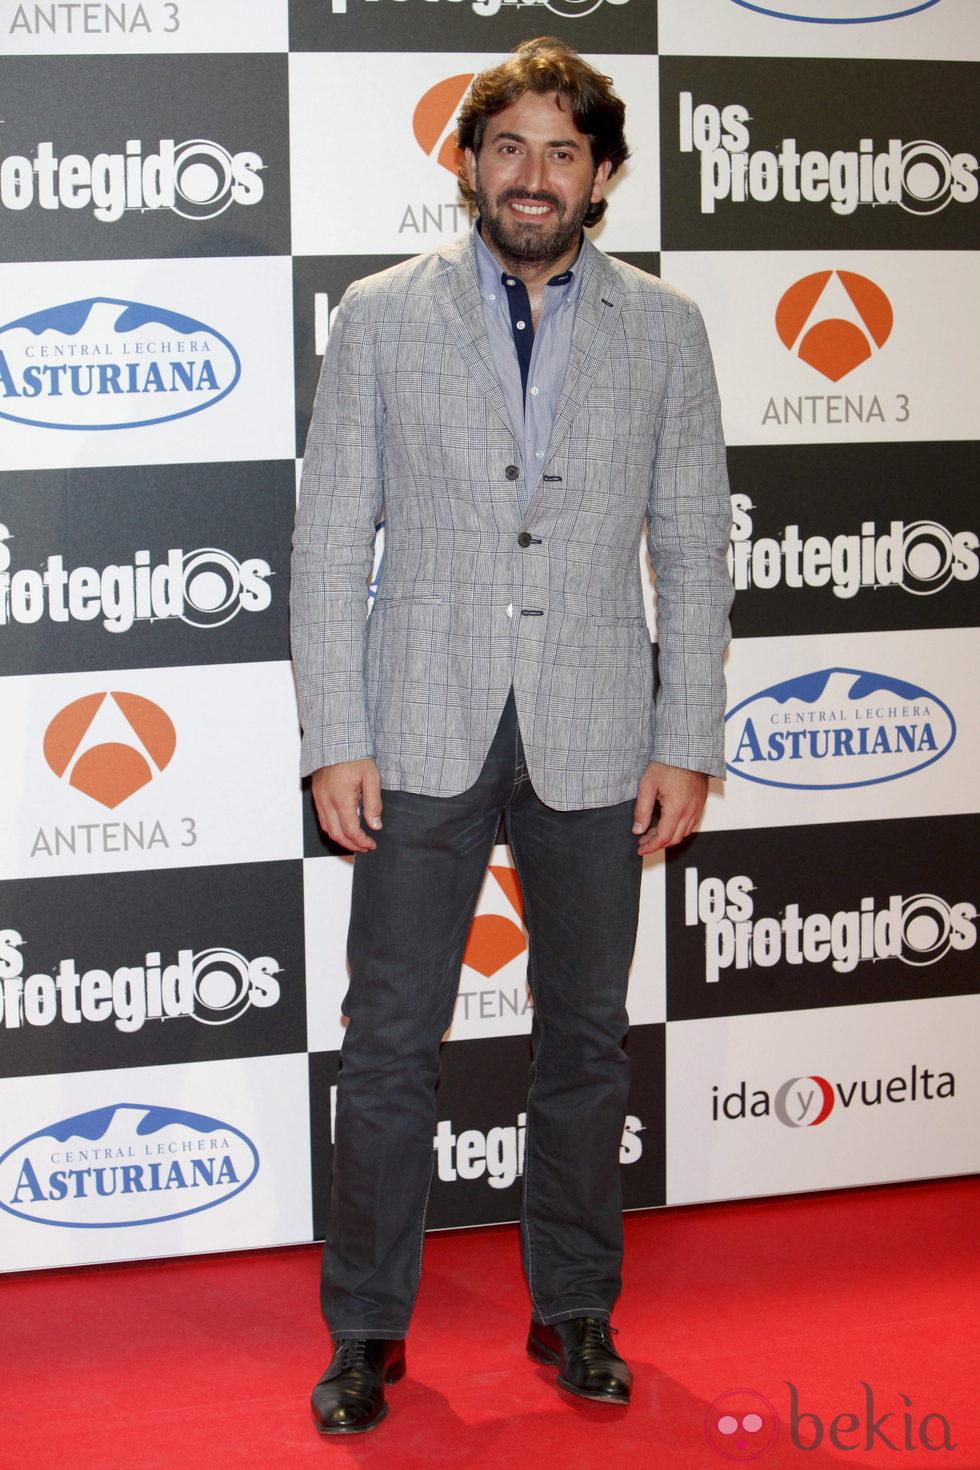 Antonio Garrido en el estreno de la tercera temporada de 'Los Protegidos'